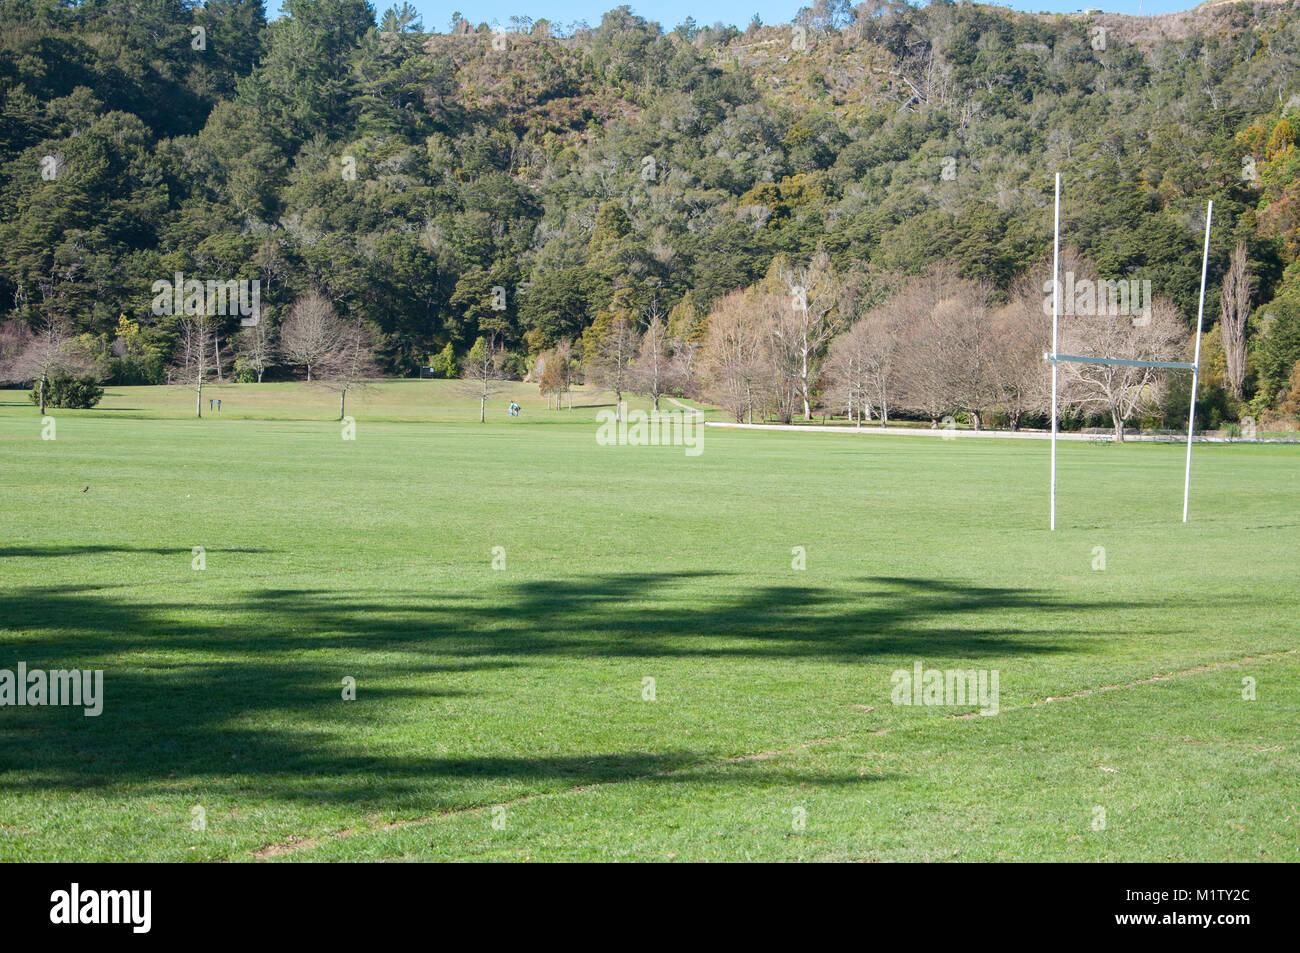 Puestos de Rugby en el campo de deportes Imagen De Stock